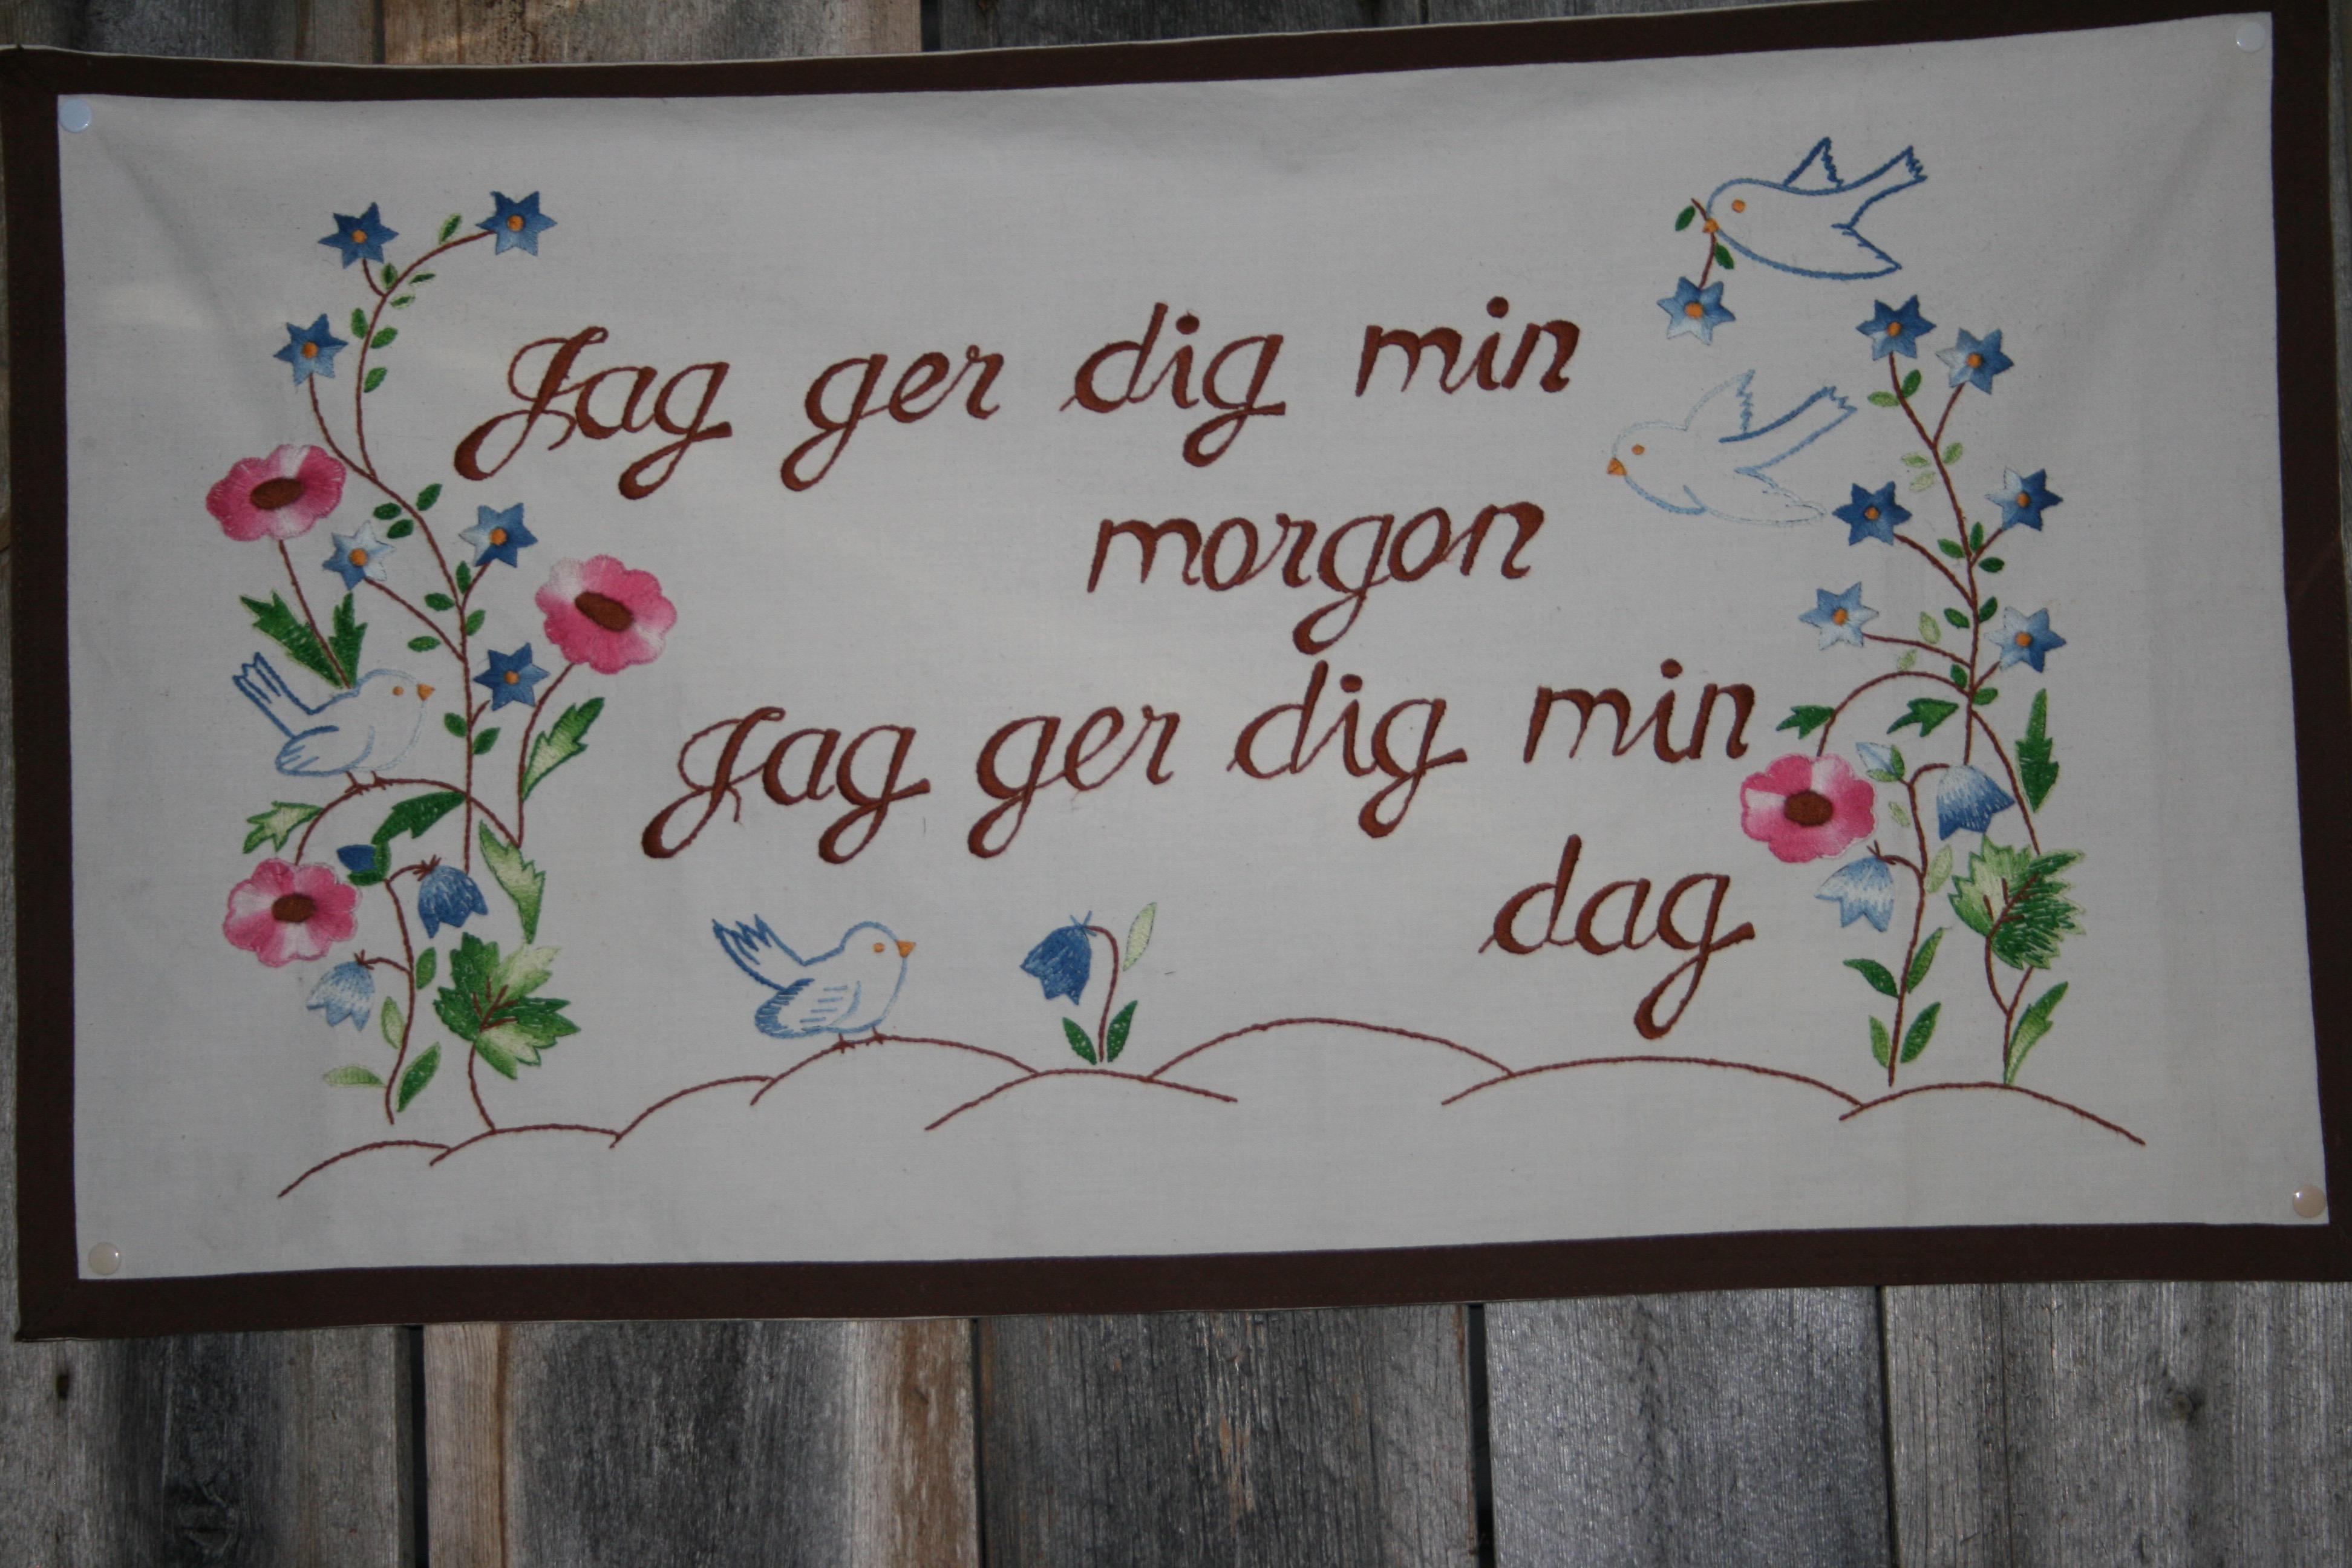 KLOKE ORD Å TA MED SEG PÅ VEIEN